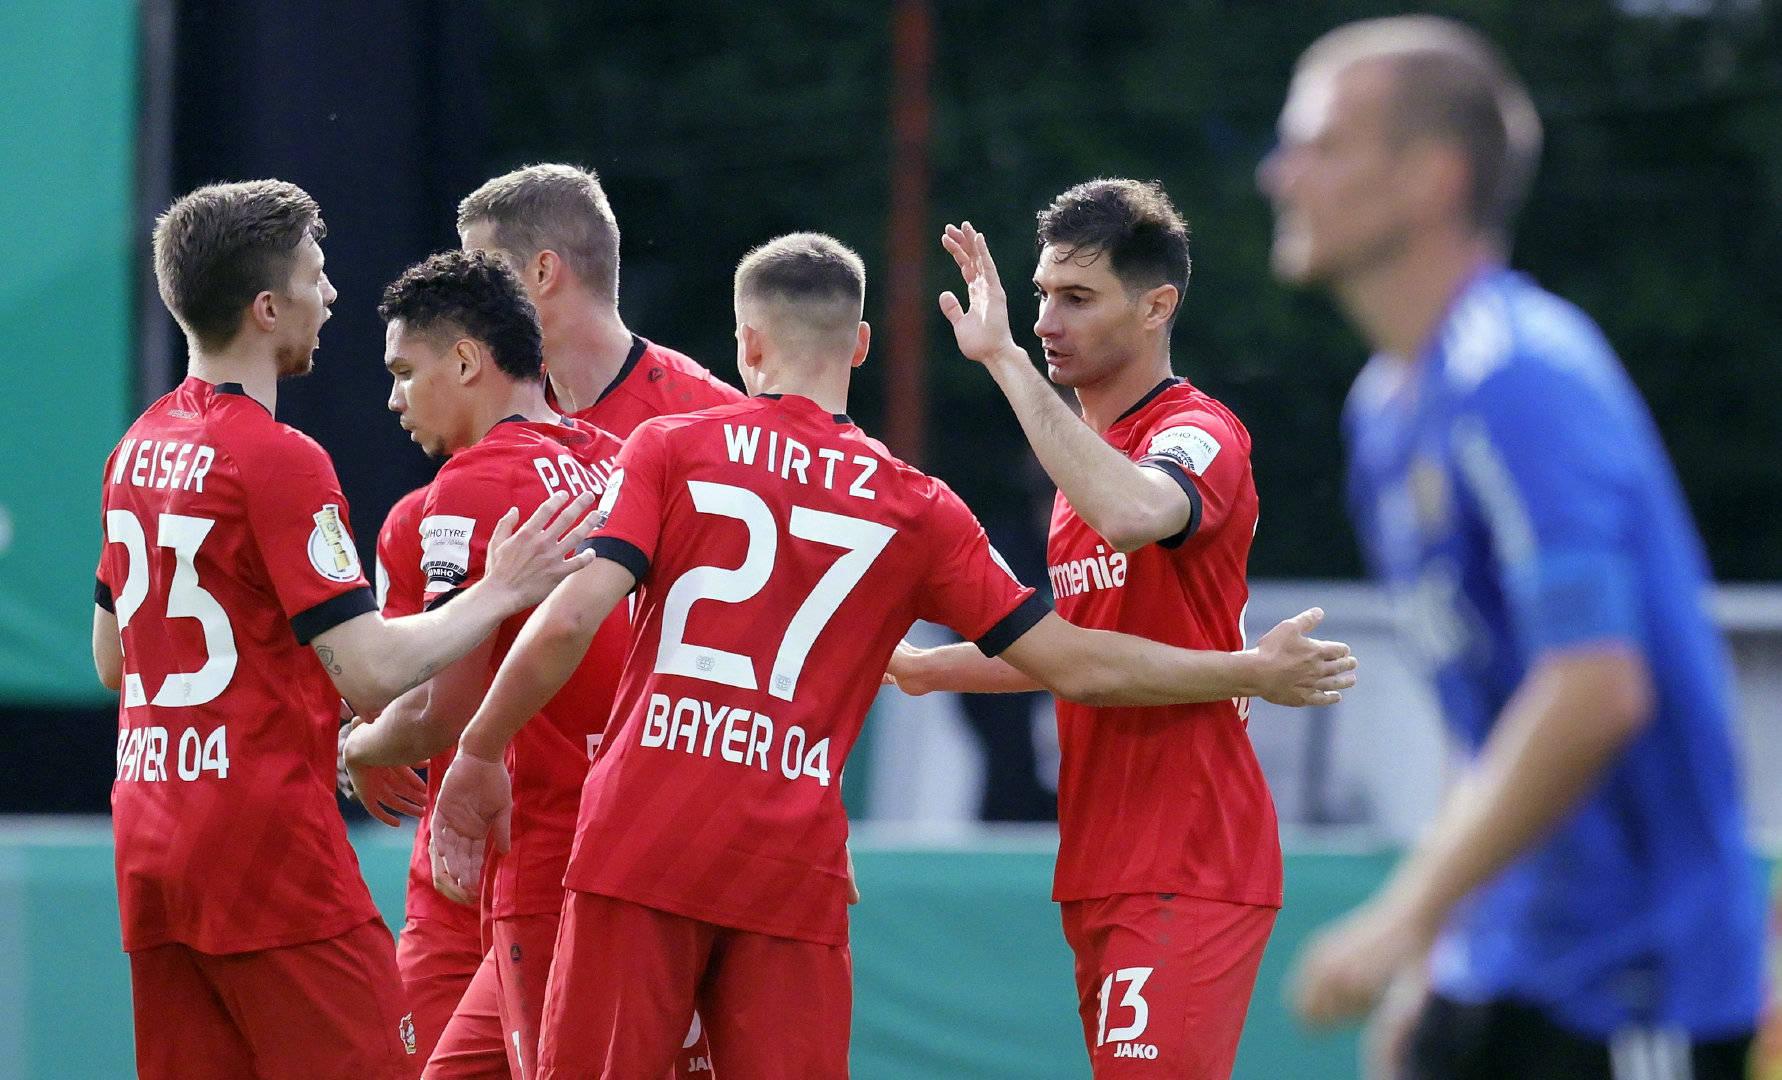 德国杯-哈弗茨缺阵德米尔拜2助攻 药厂3-0进决赛